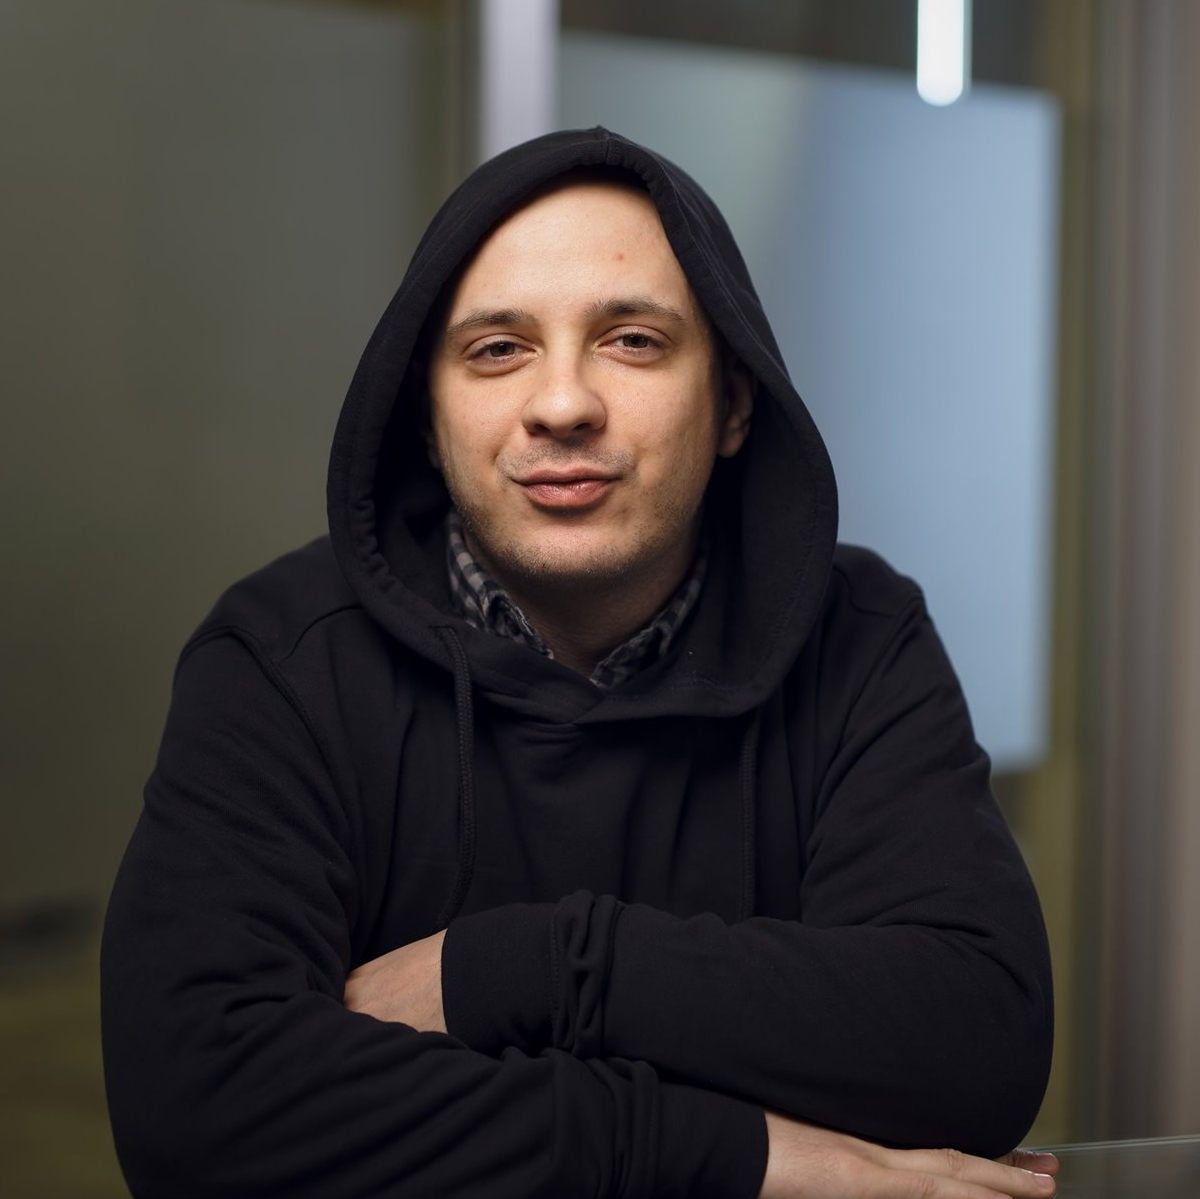 Roman Linkov